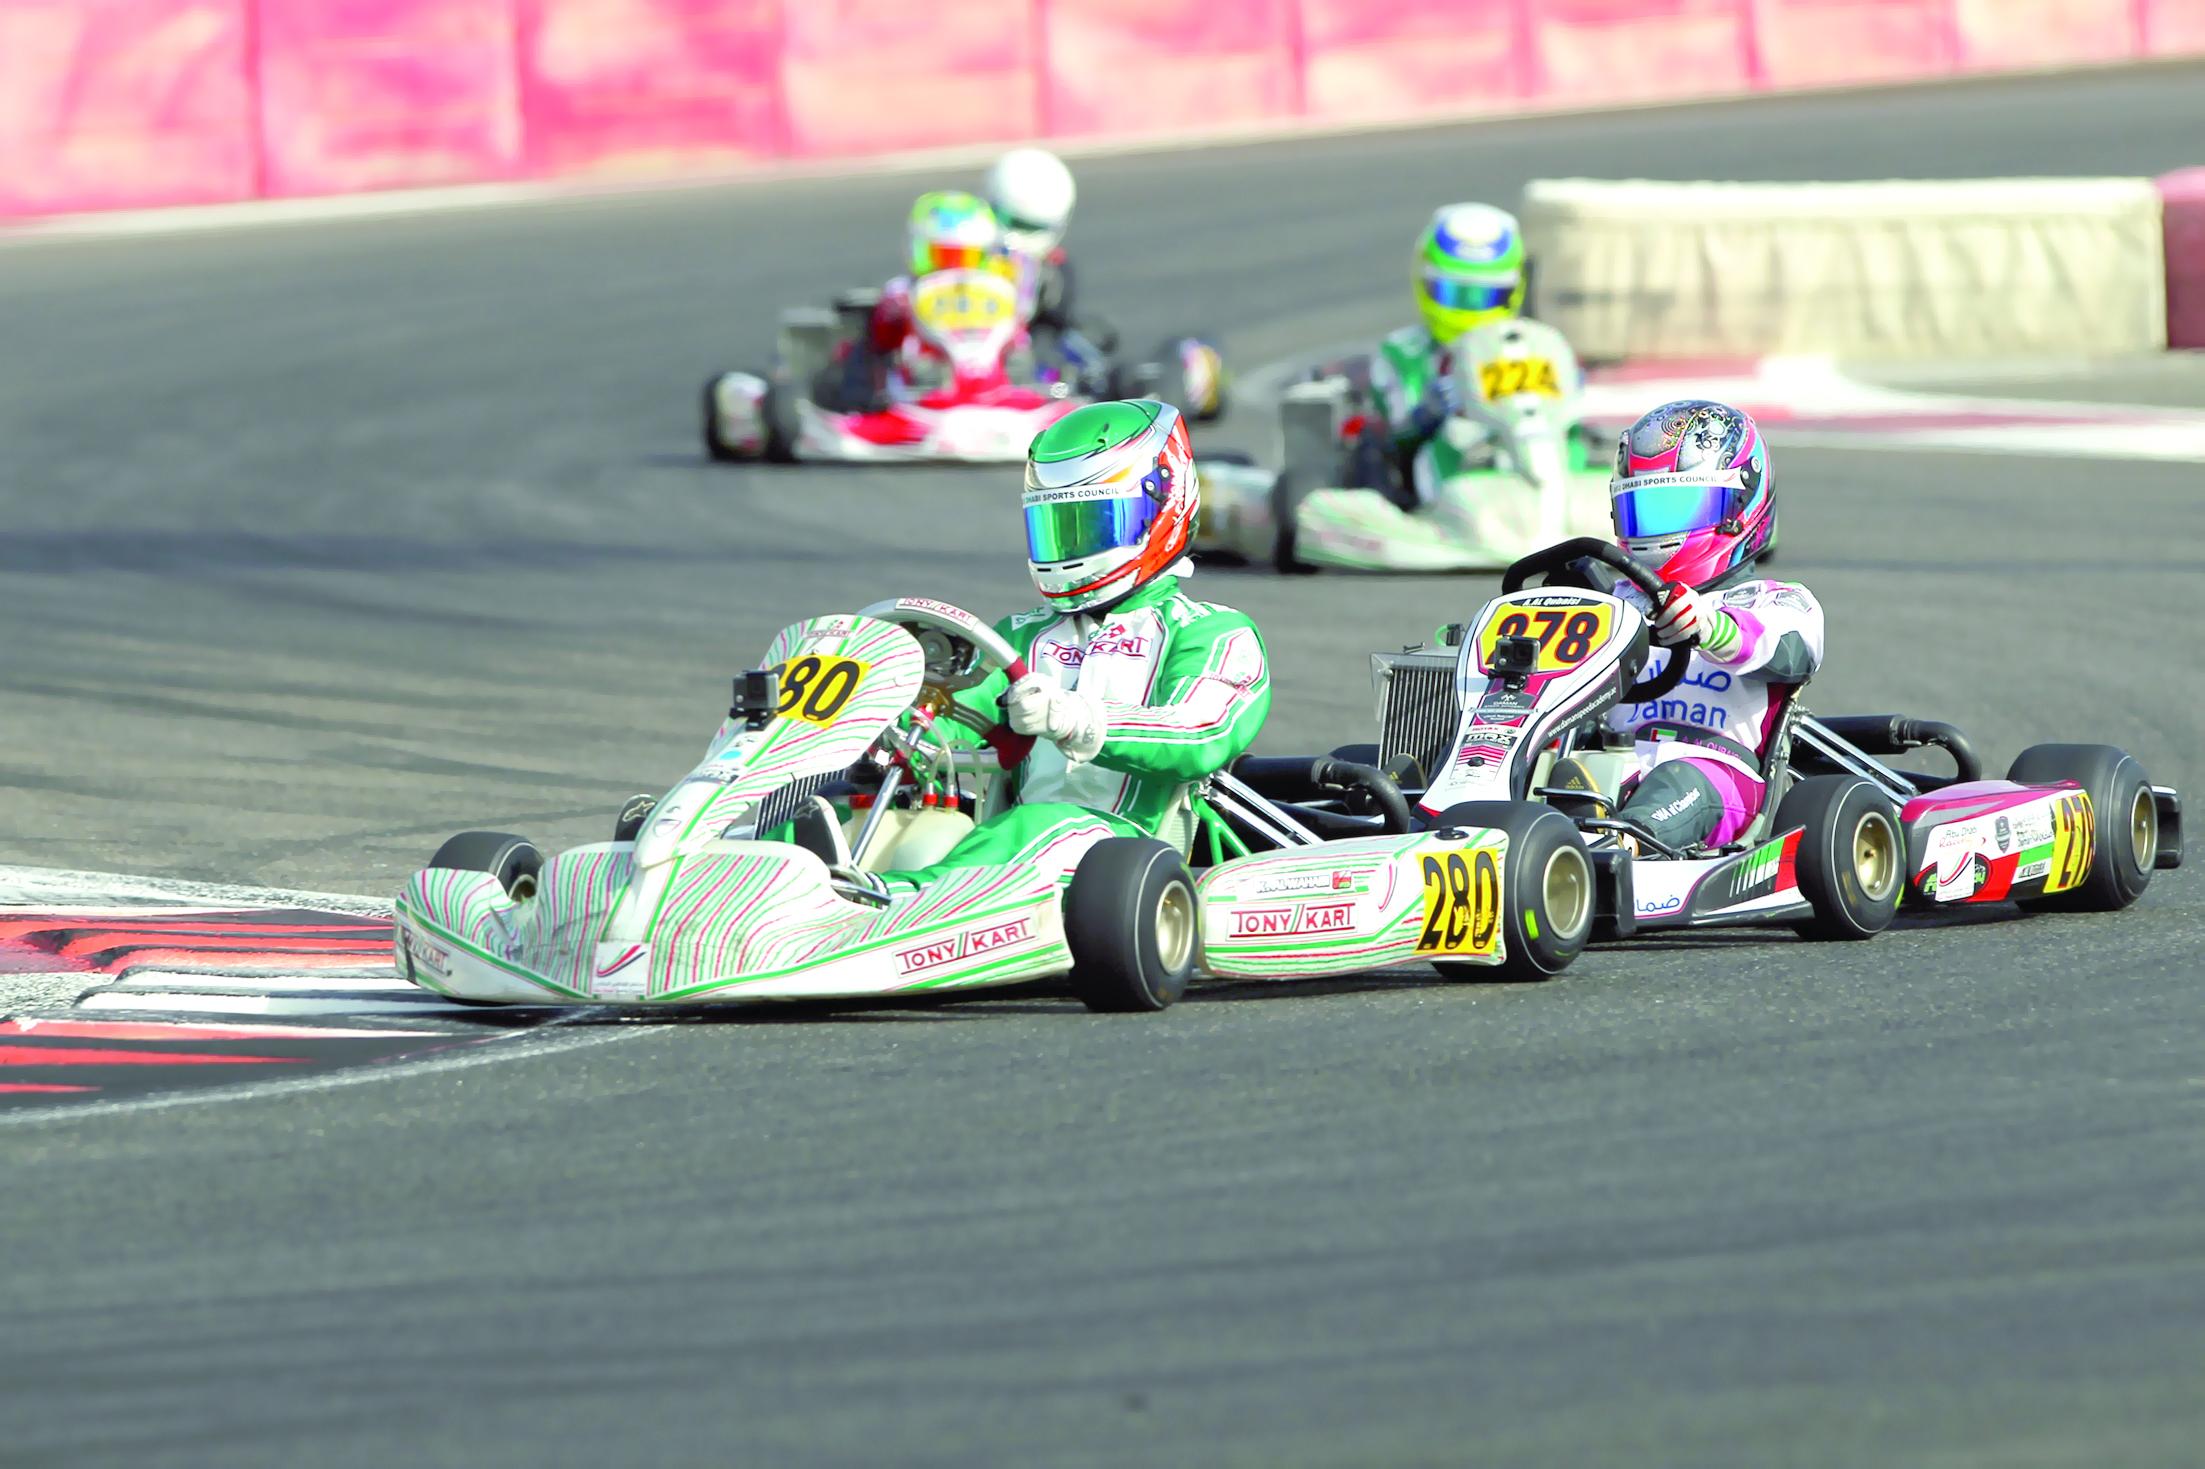 فريق الوهيبي للسيارات بطلاً لسباق «أكس 30 للكارتينج»